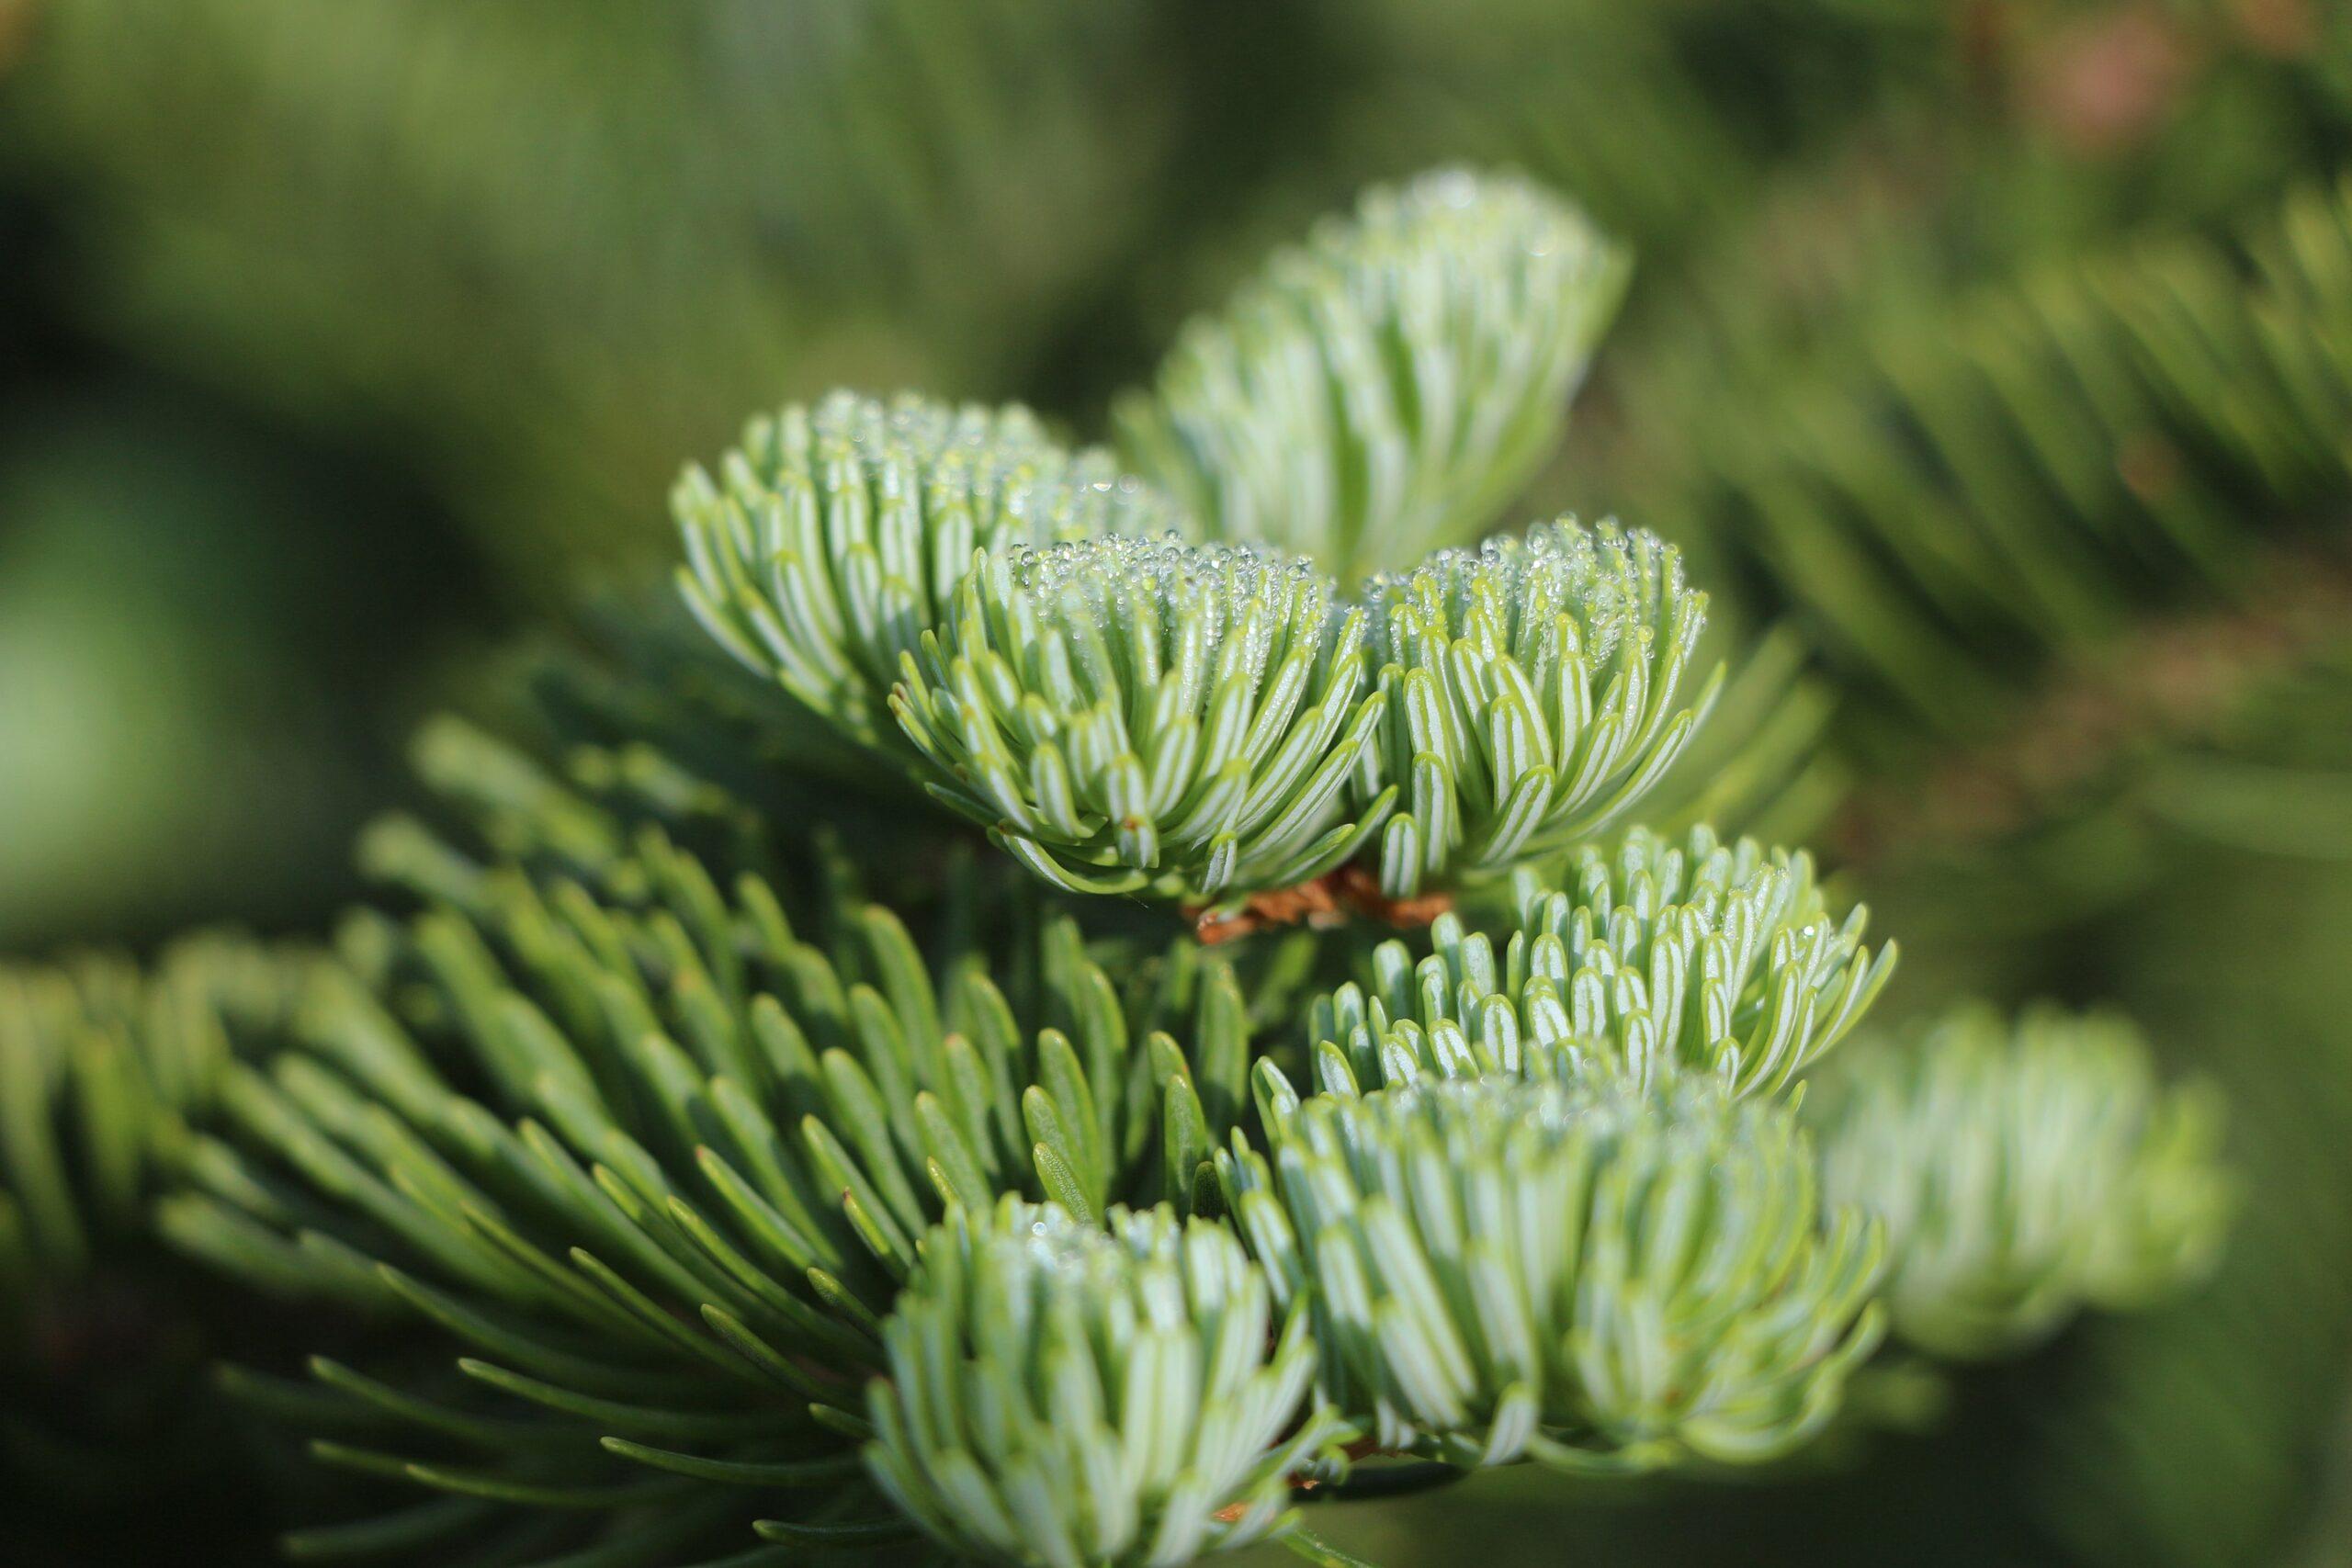 Balsam fir (Abies balsamea) branch